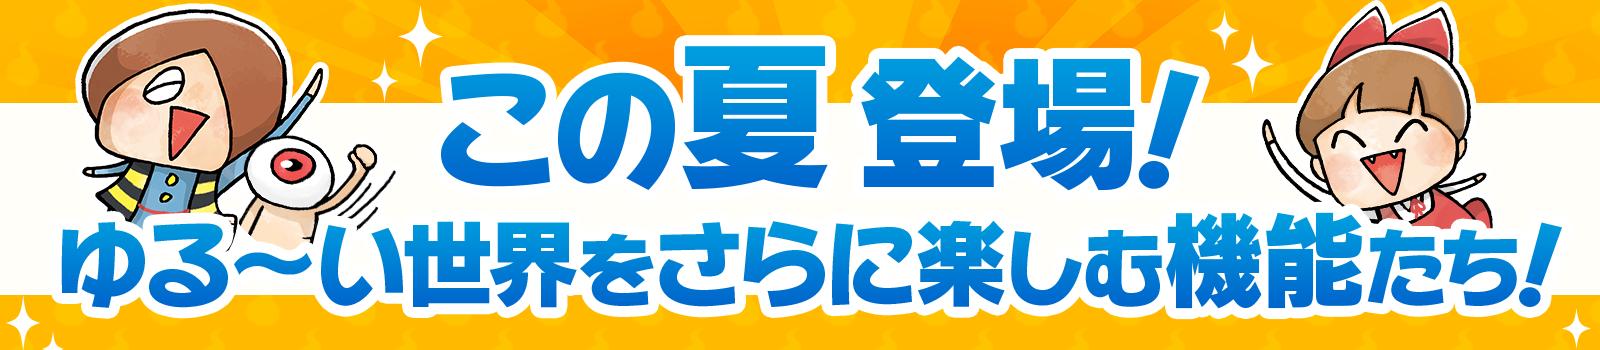 『ゆる~いゲゲゲの鬼太郎 妖怪ドタバタ大戦』アップデートメインイメージ